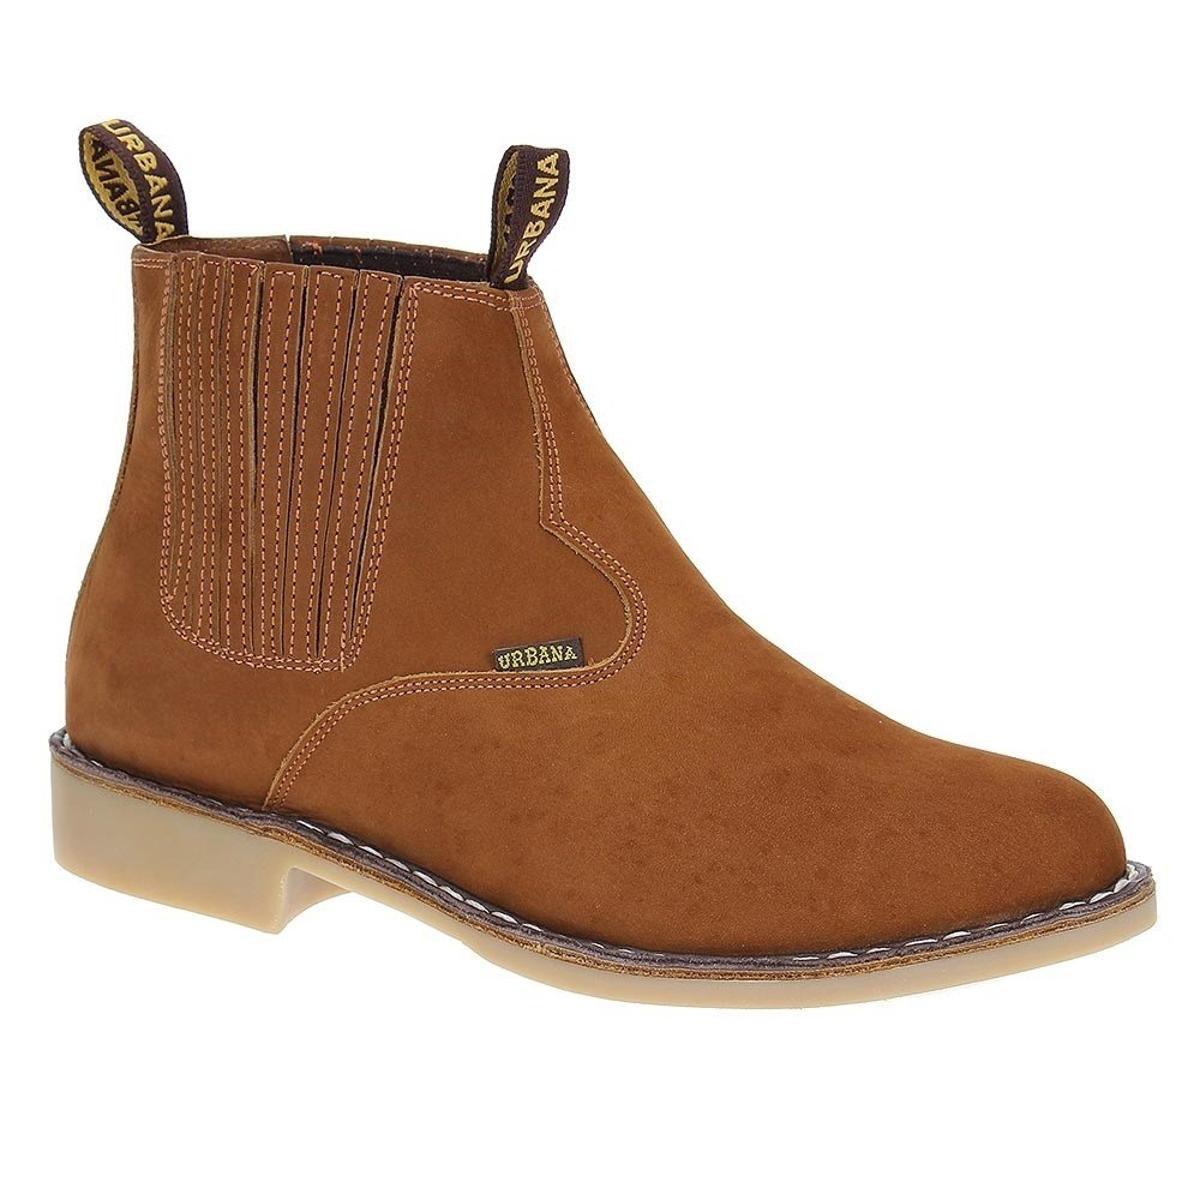 60d57bbc4 Bota Couro Vira Francesa Urbana Boots Masculina - Marrom | Zattini